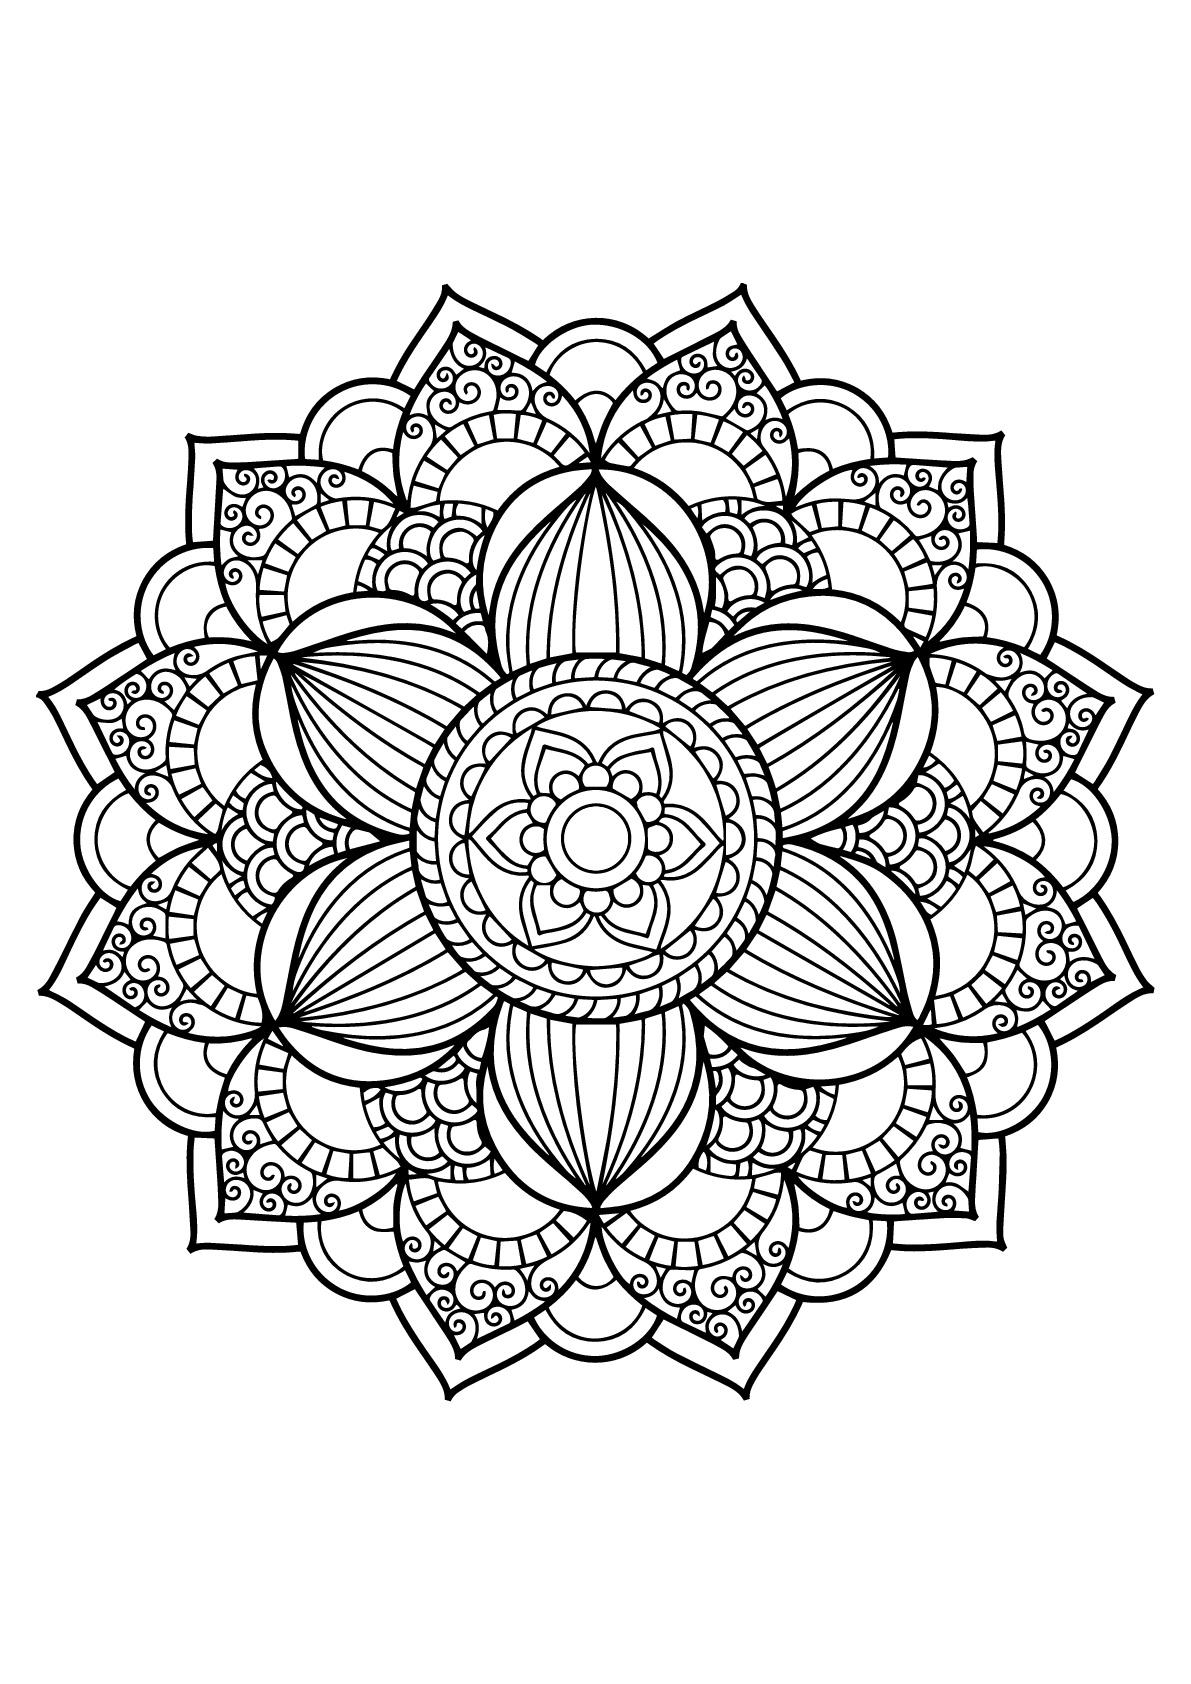 Mandala Livre Gratuit 17 Mandalas Coloriages Difficiles Pour Adultes